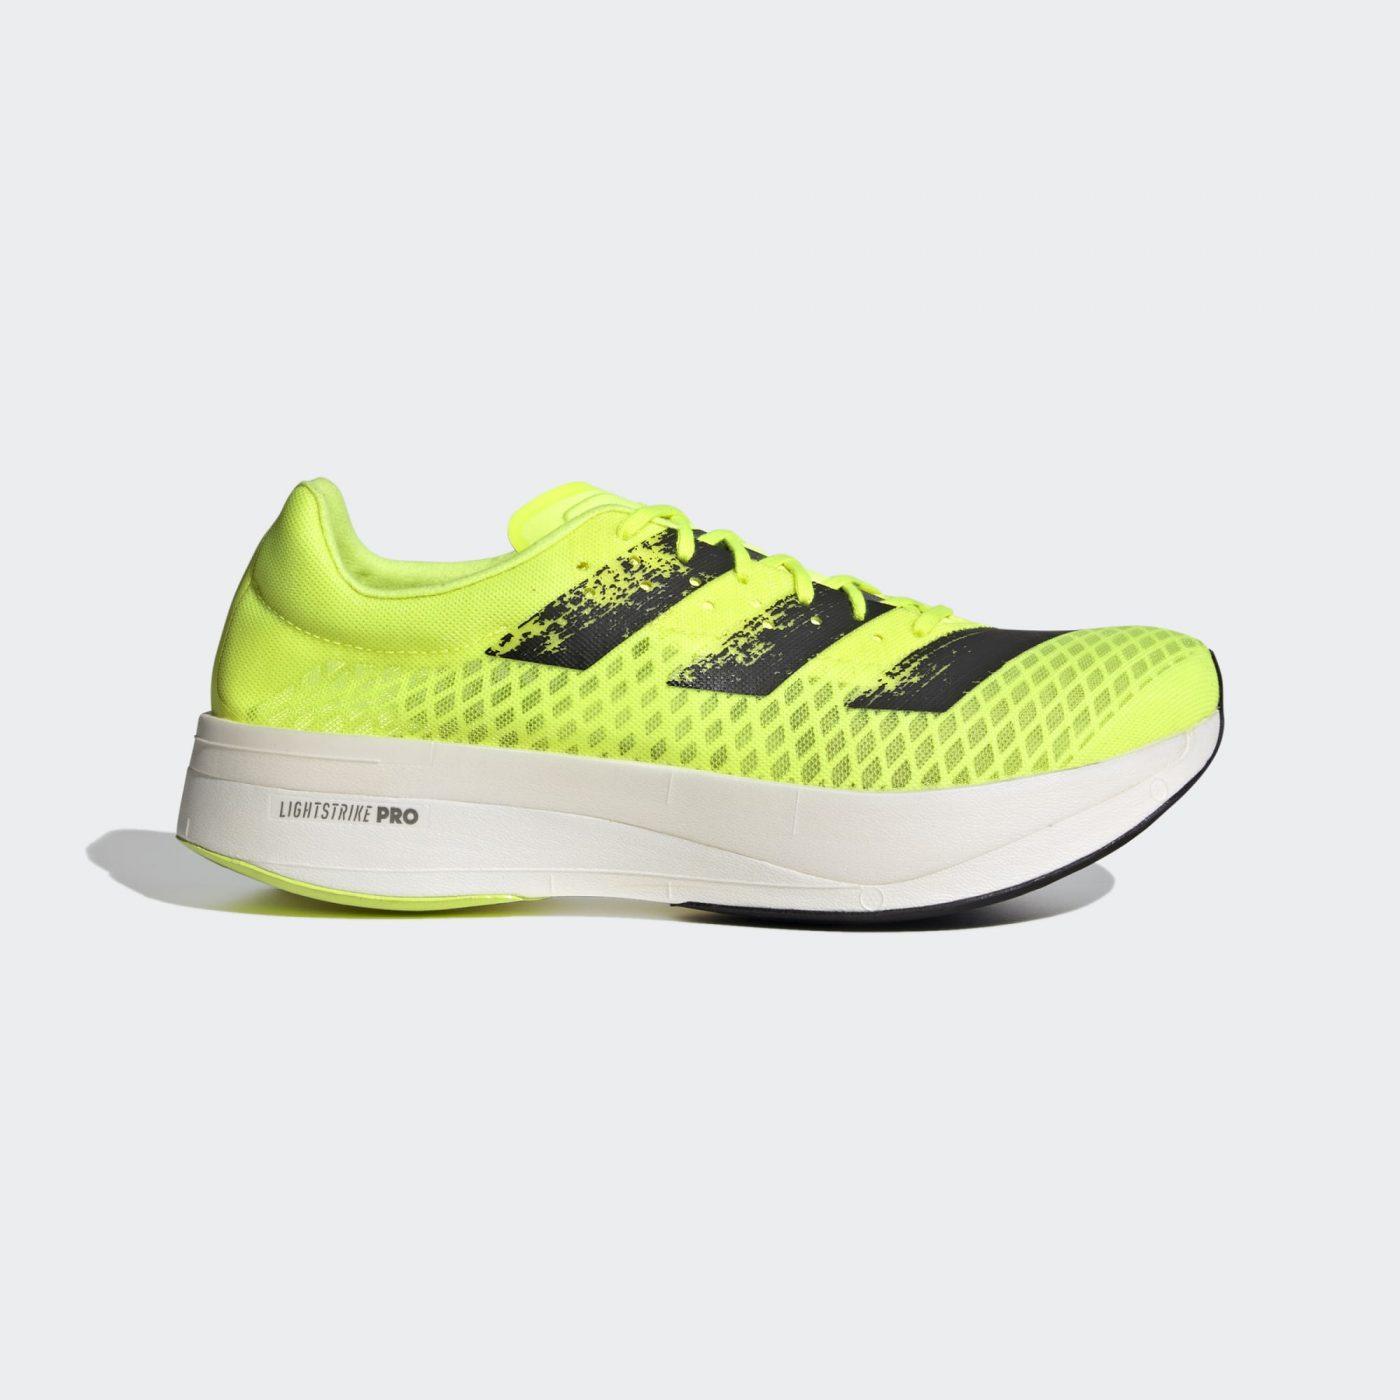 Adizero_Adios_Pro_Jaune_adidas_3